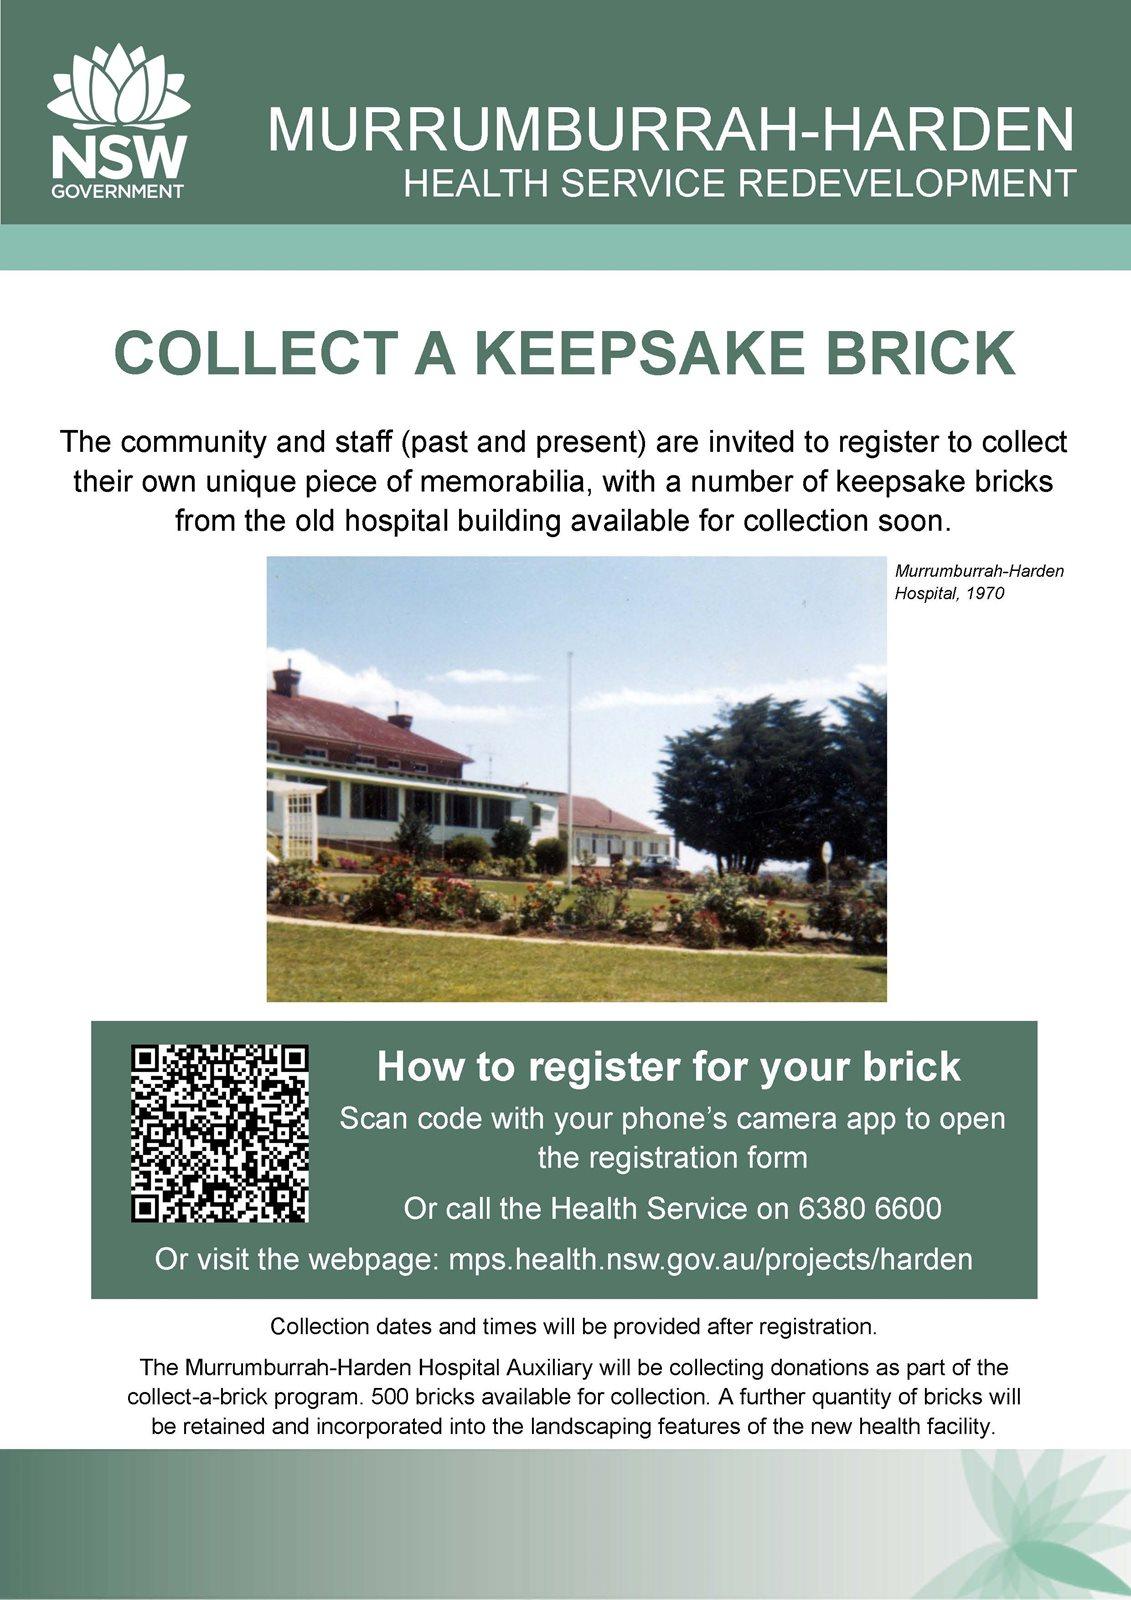 Murrumburrah-Harden Health Service - Brick Giveaway Flyer